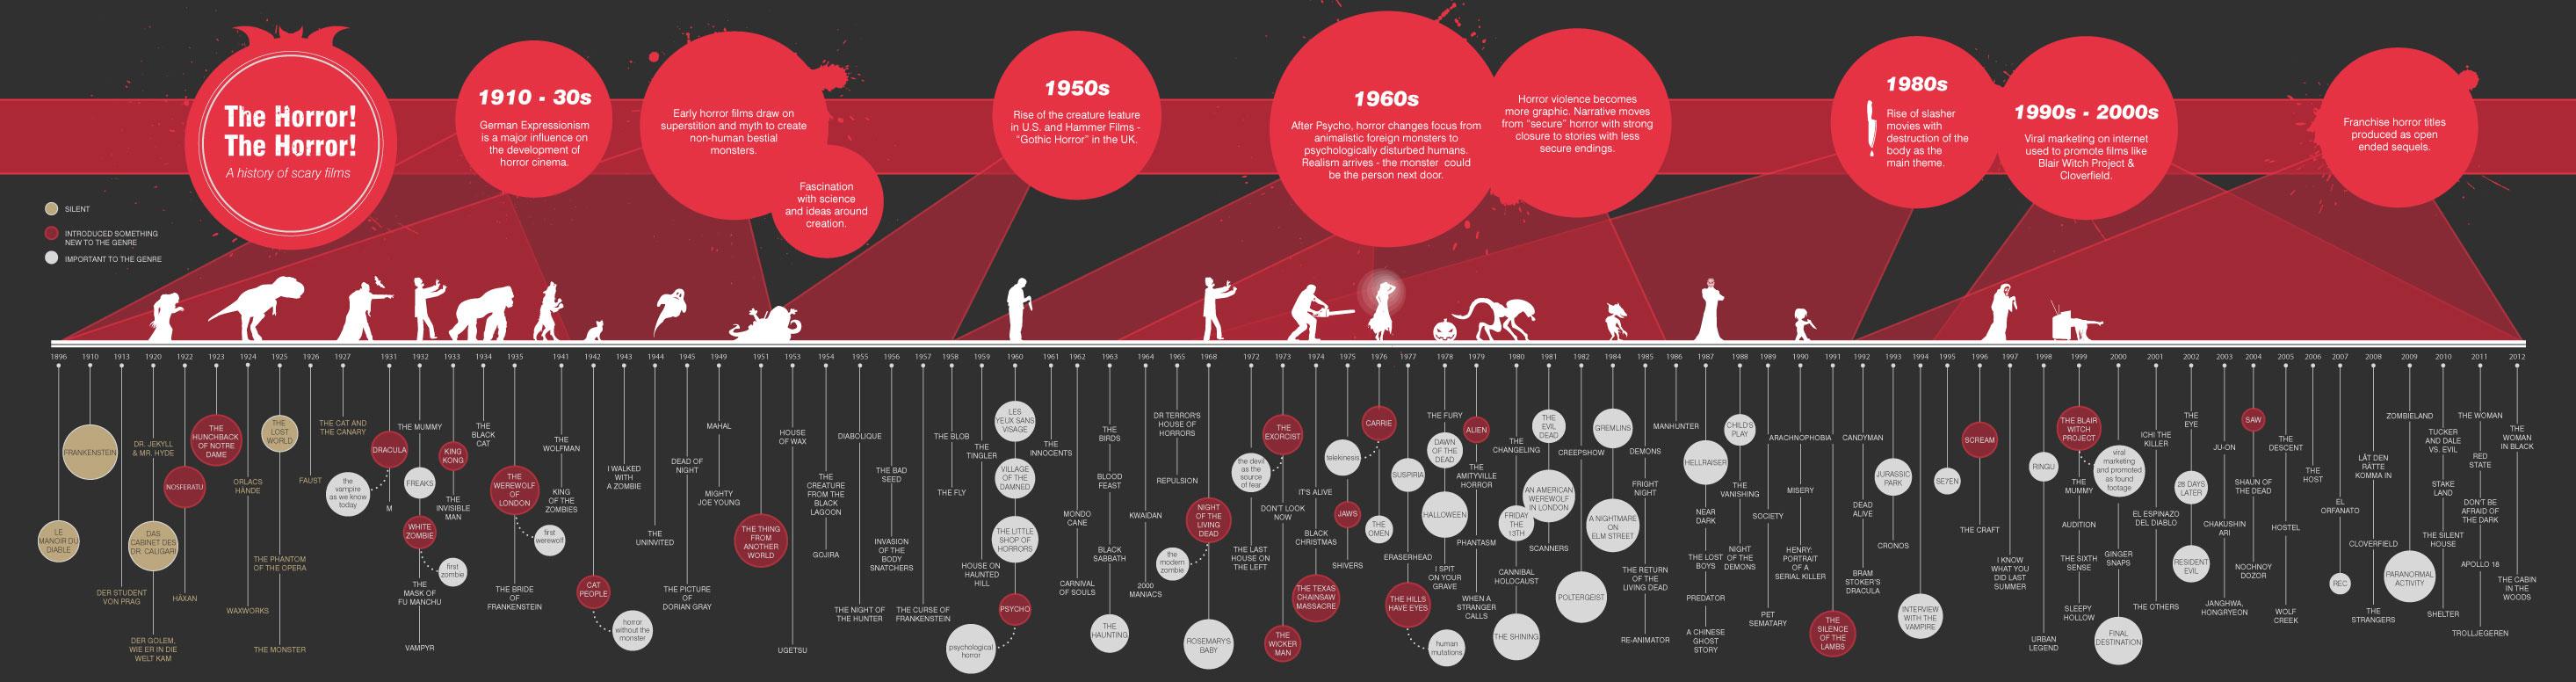 Image result for horror films timeline